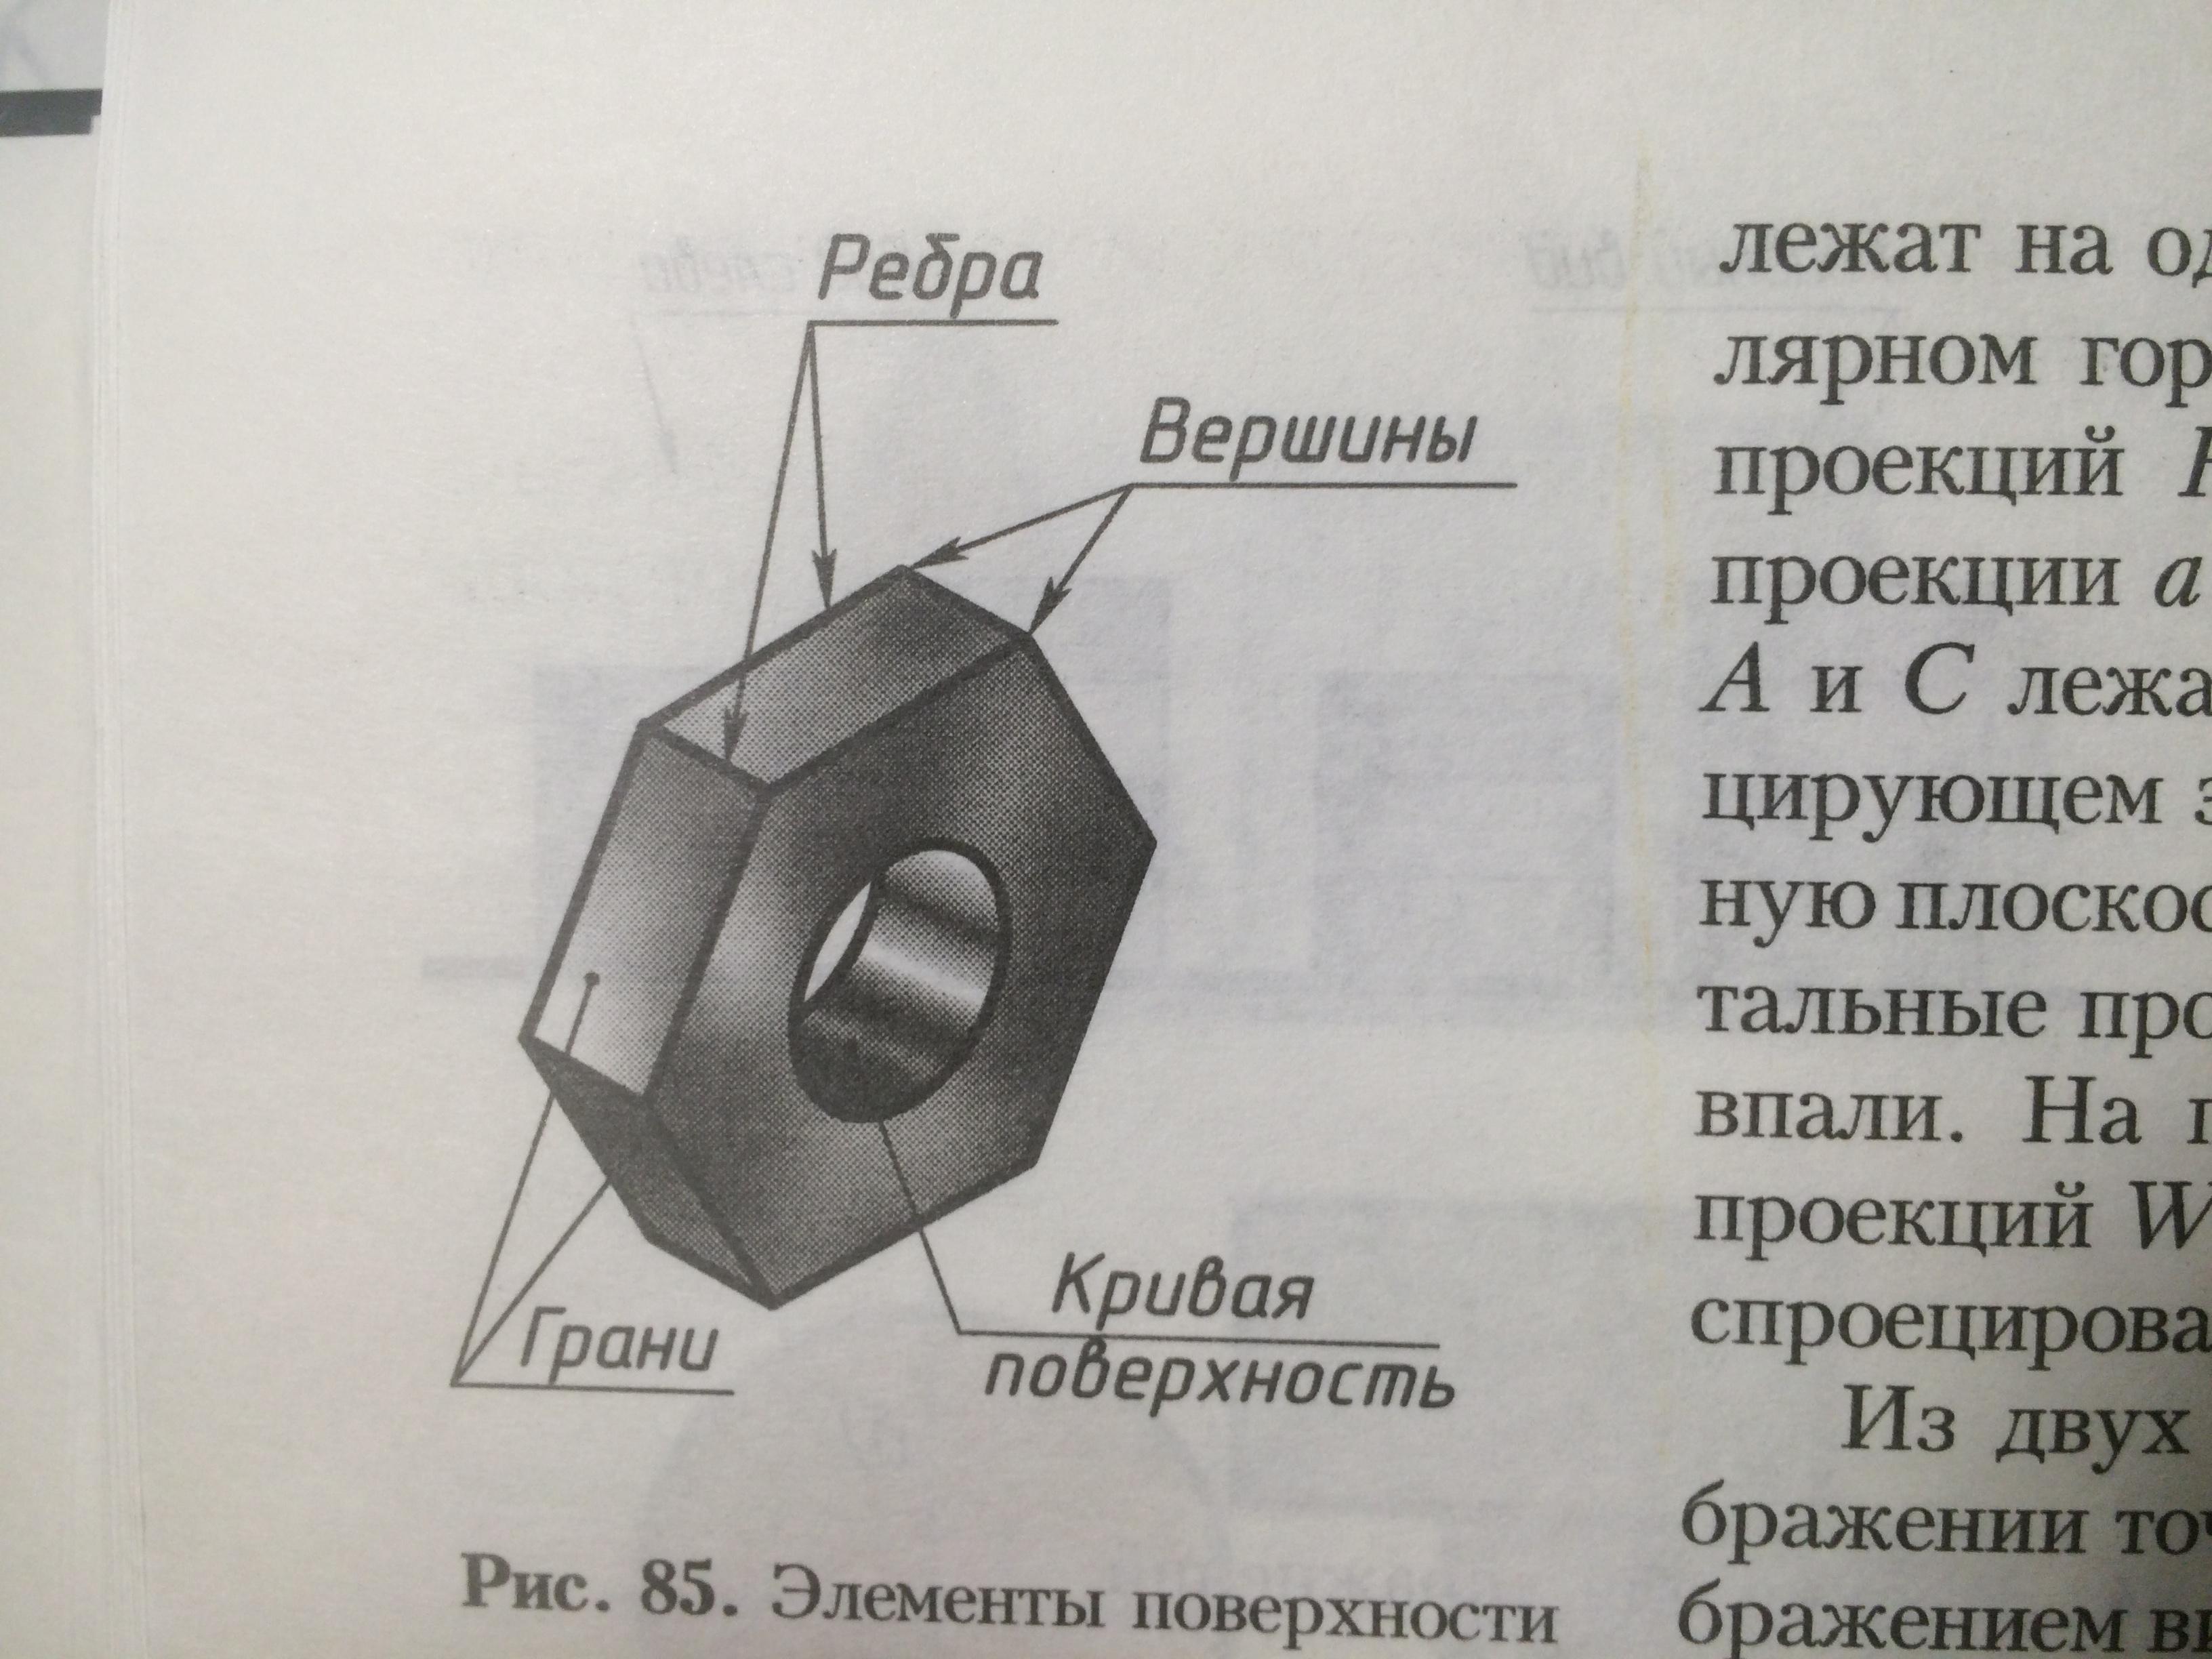 D:\ира\Рисовалки редктированные\черчение\уроки 10 кл\проекции вершин граней ребер\IMG_4155.JPG